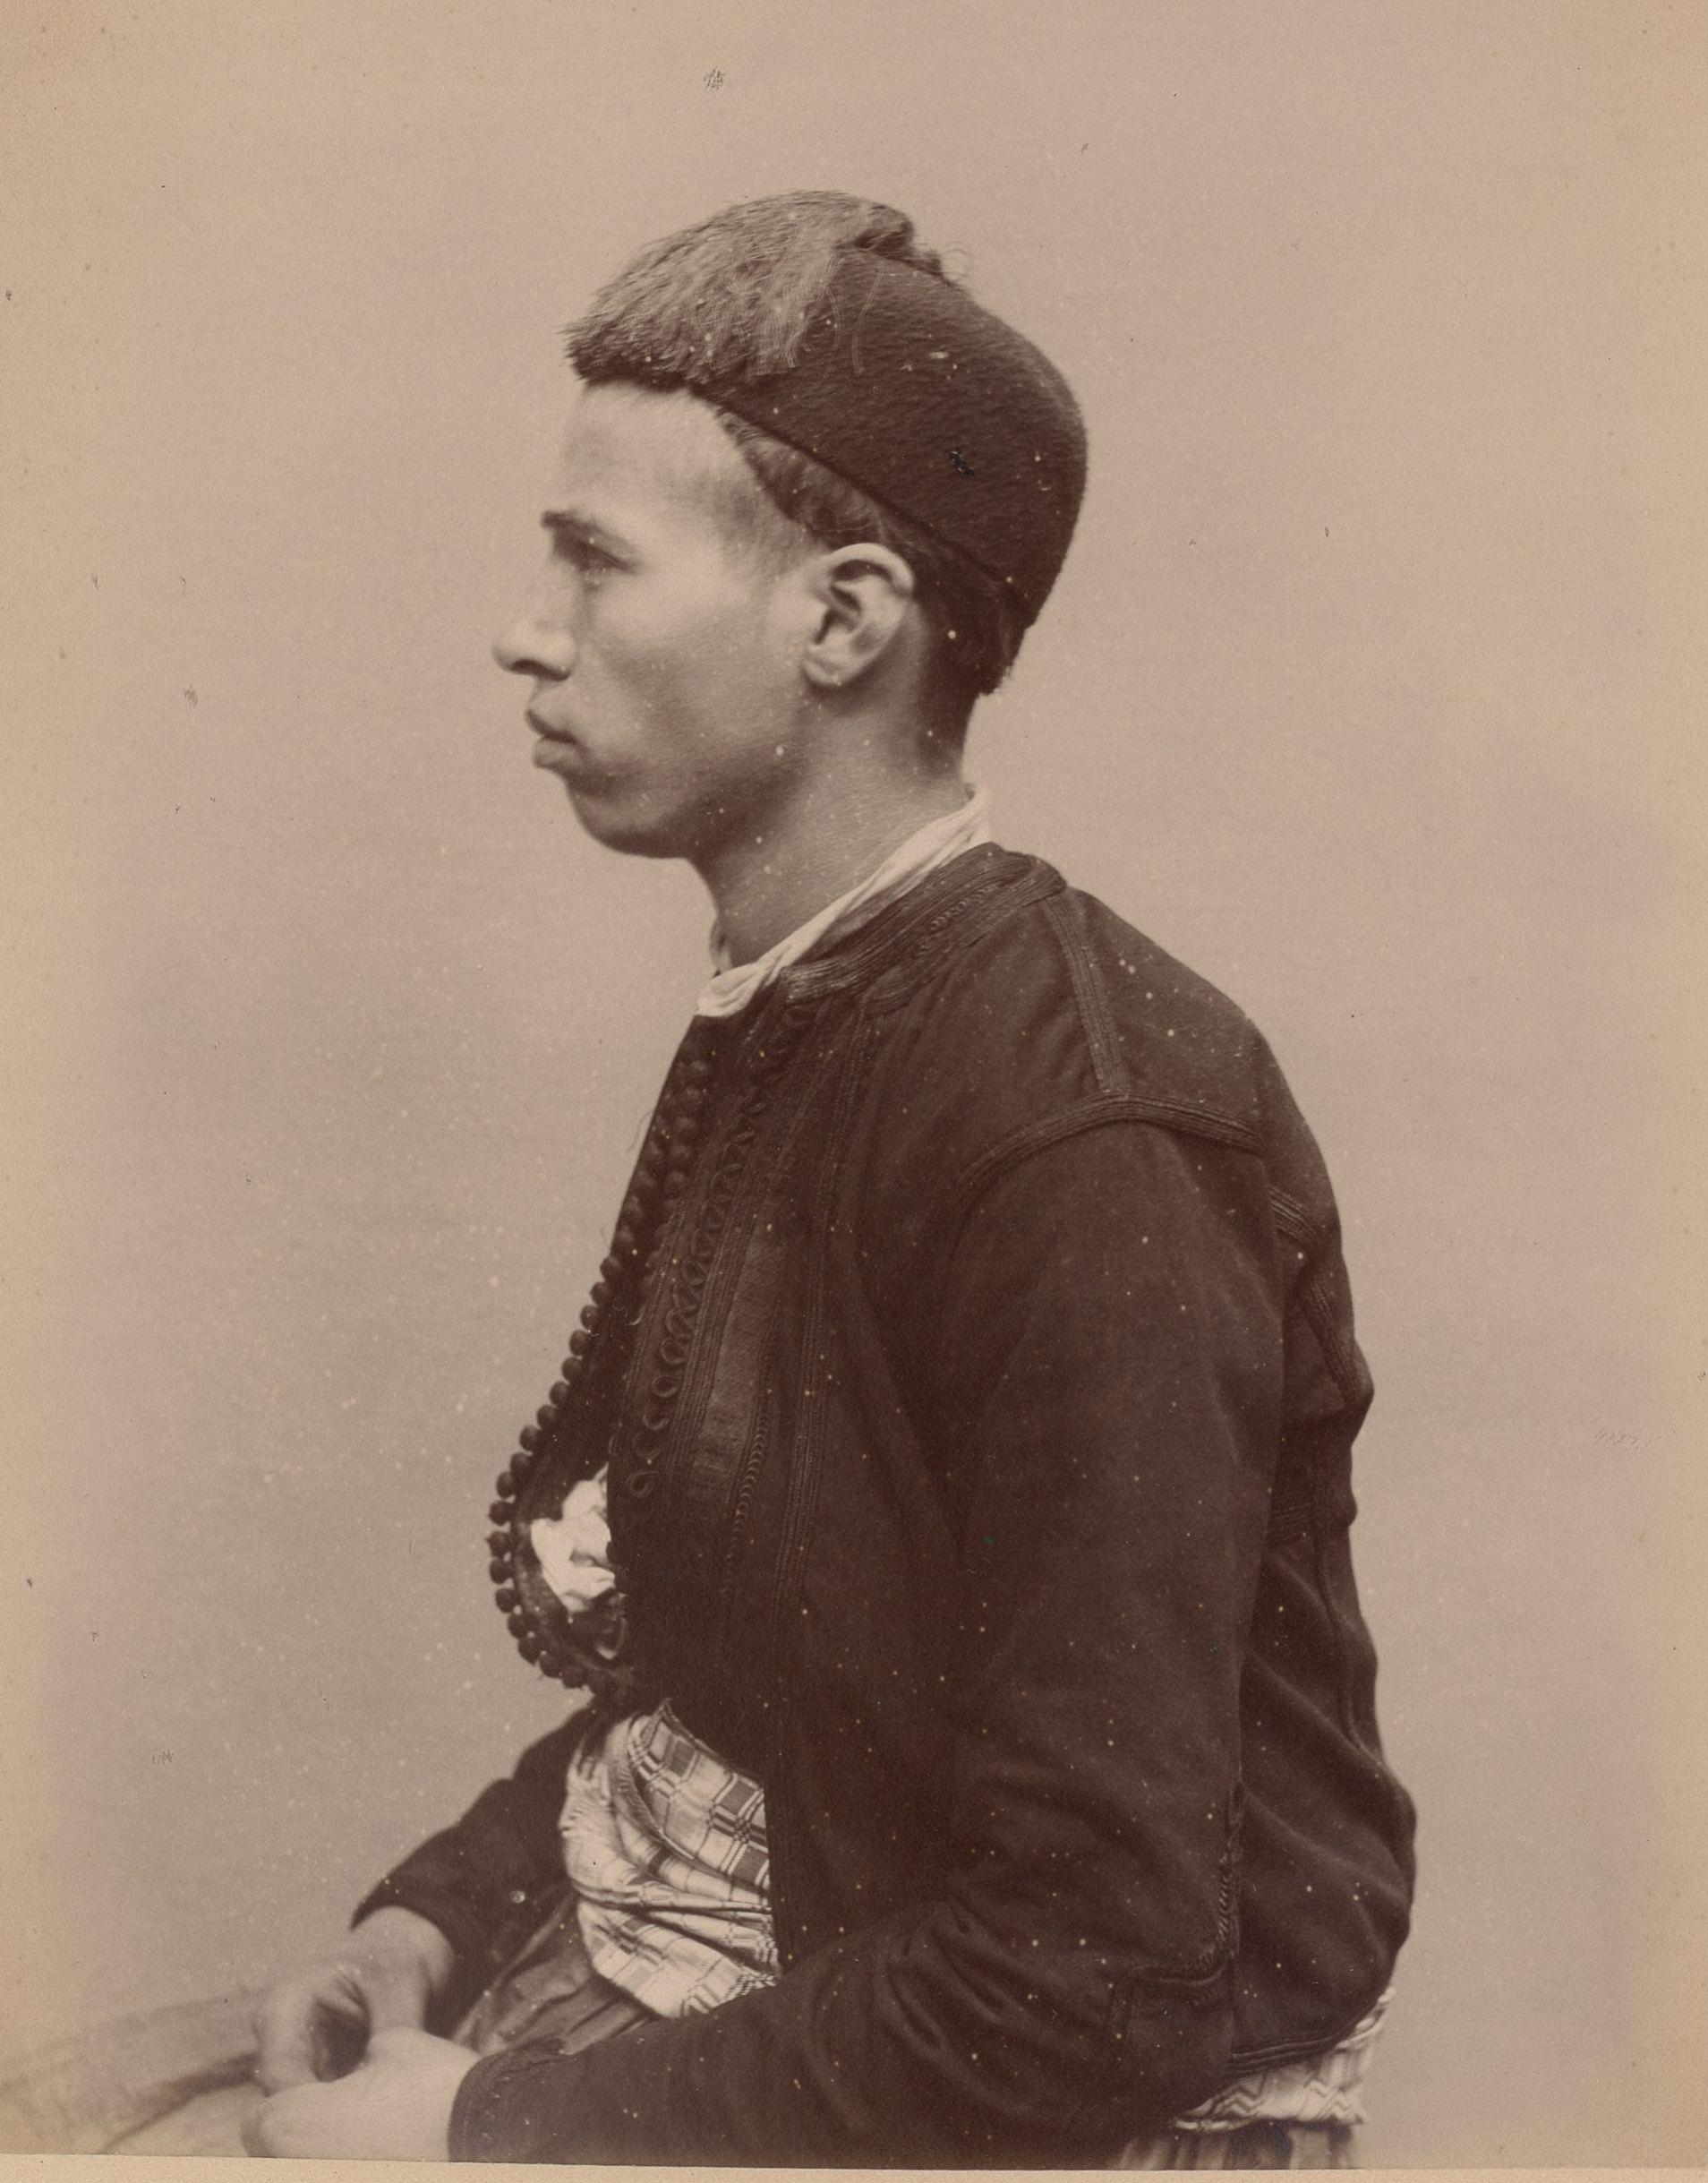 Саид  22 года, родившийся в Алжире, помощник хозяина кафе (вид сбоку)